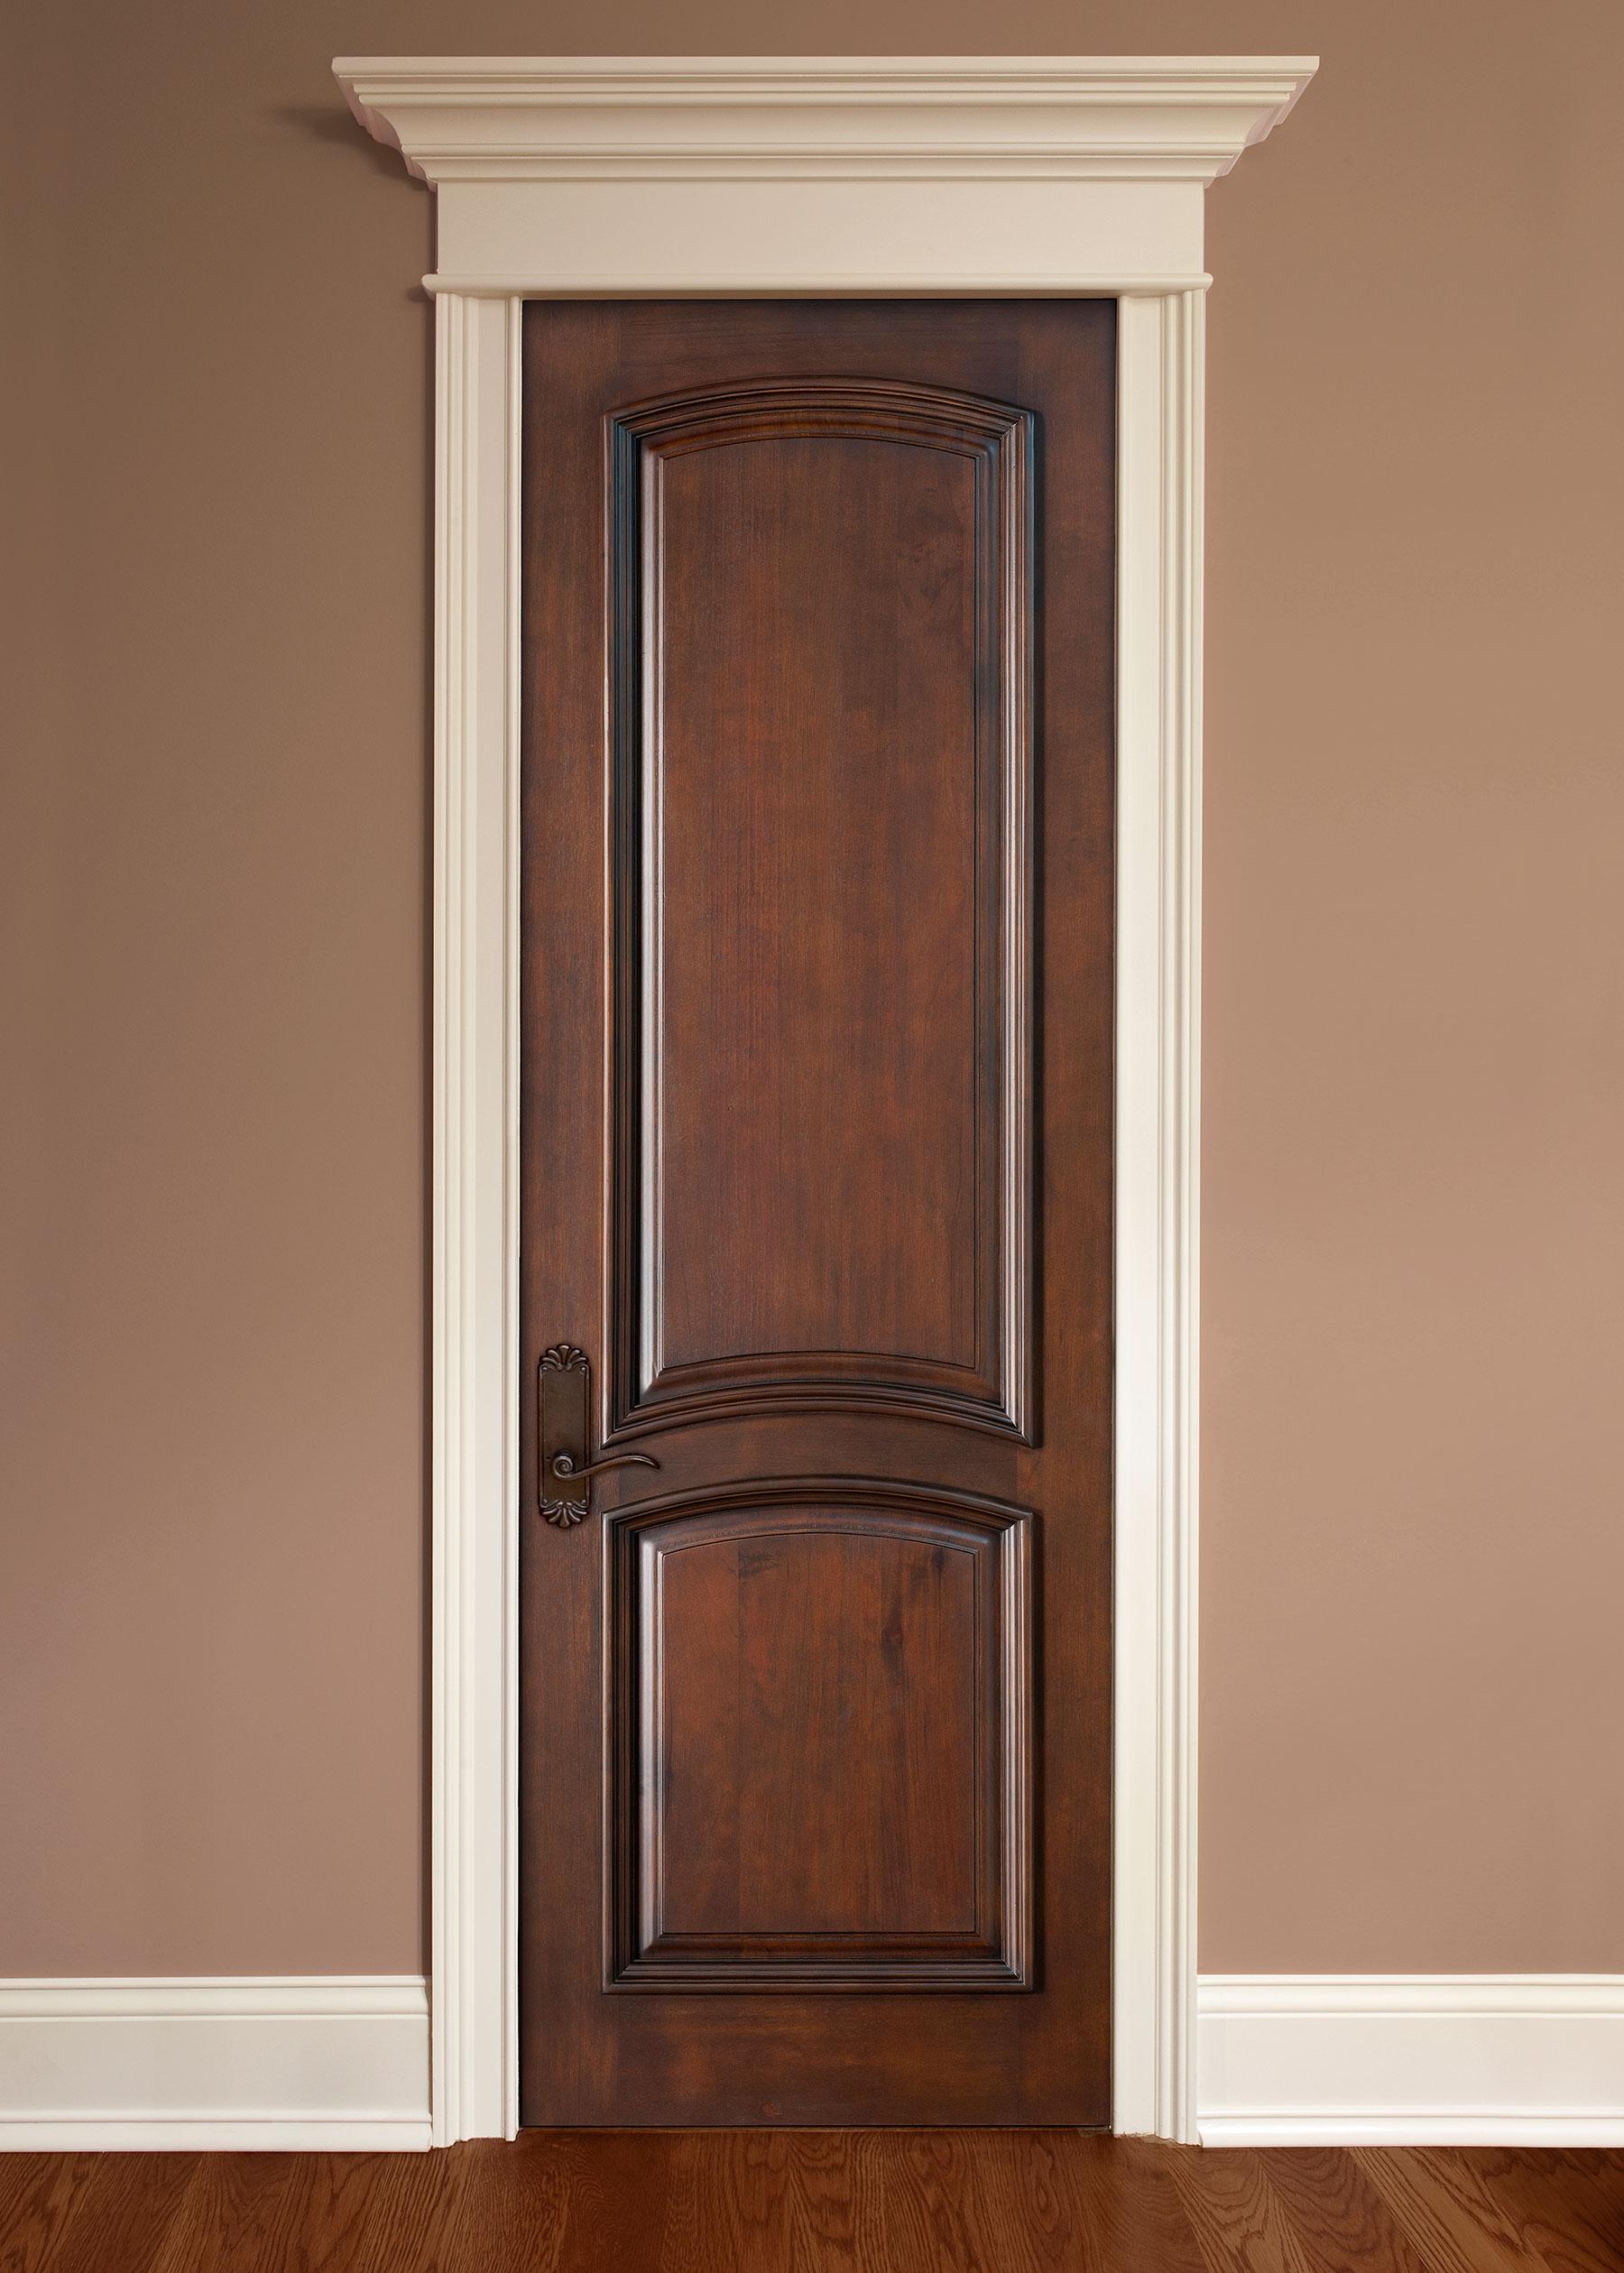 Custom Wood Interior Doors | Custom 2 Arched  Interior Wood Door with Raised Moulding DBI-2050 - Glenview Doors - Custom Doors in Chicago